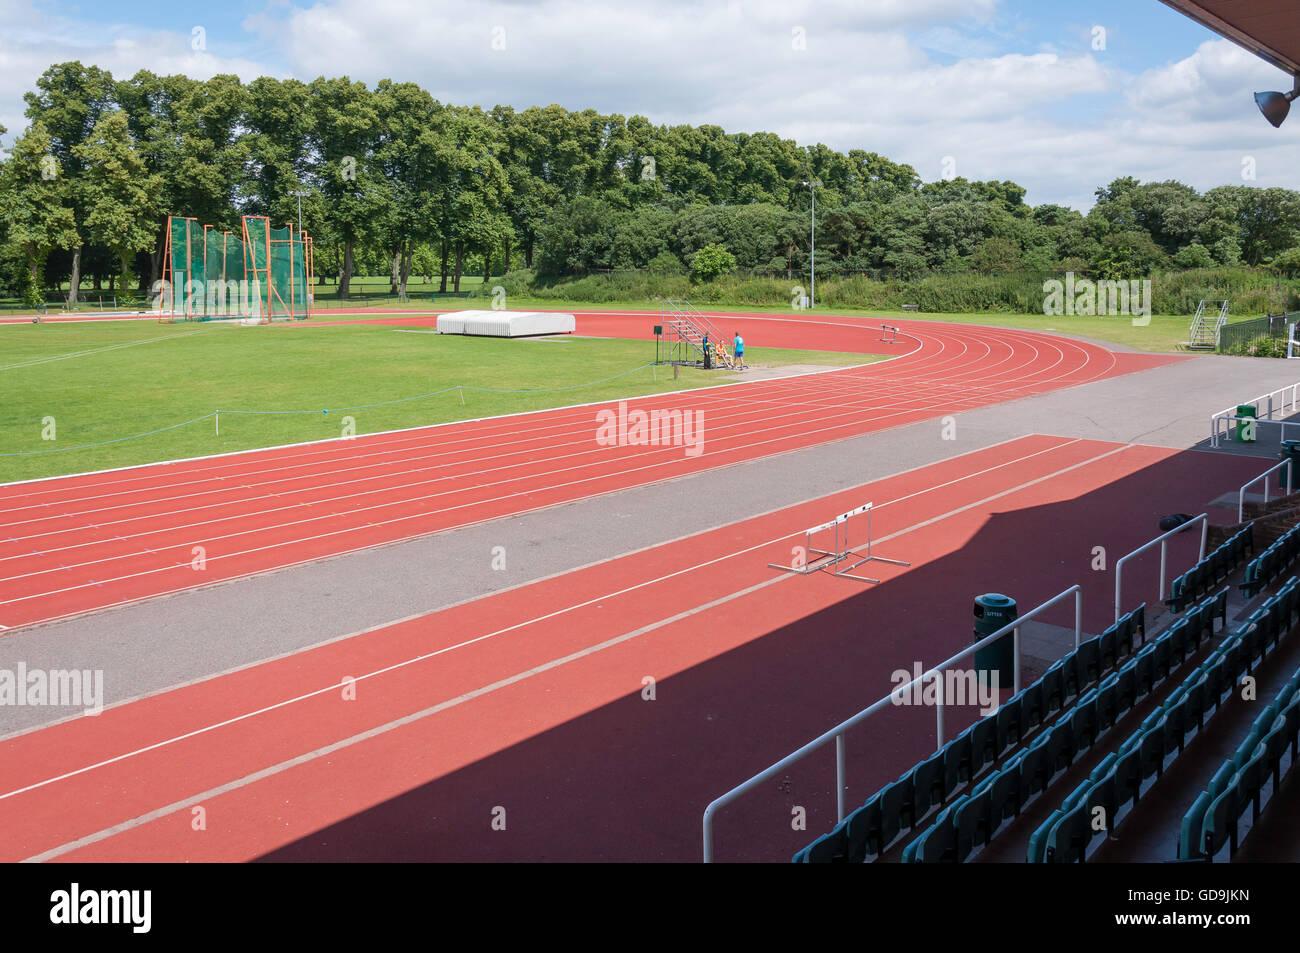 La Thames Valley centro atletico, Pococks Lane, Eton, Berkshire, Inghilterra, Regno Unito Immagini Stock